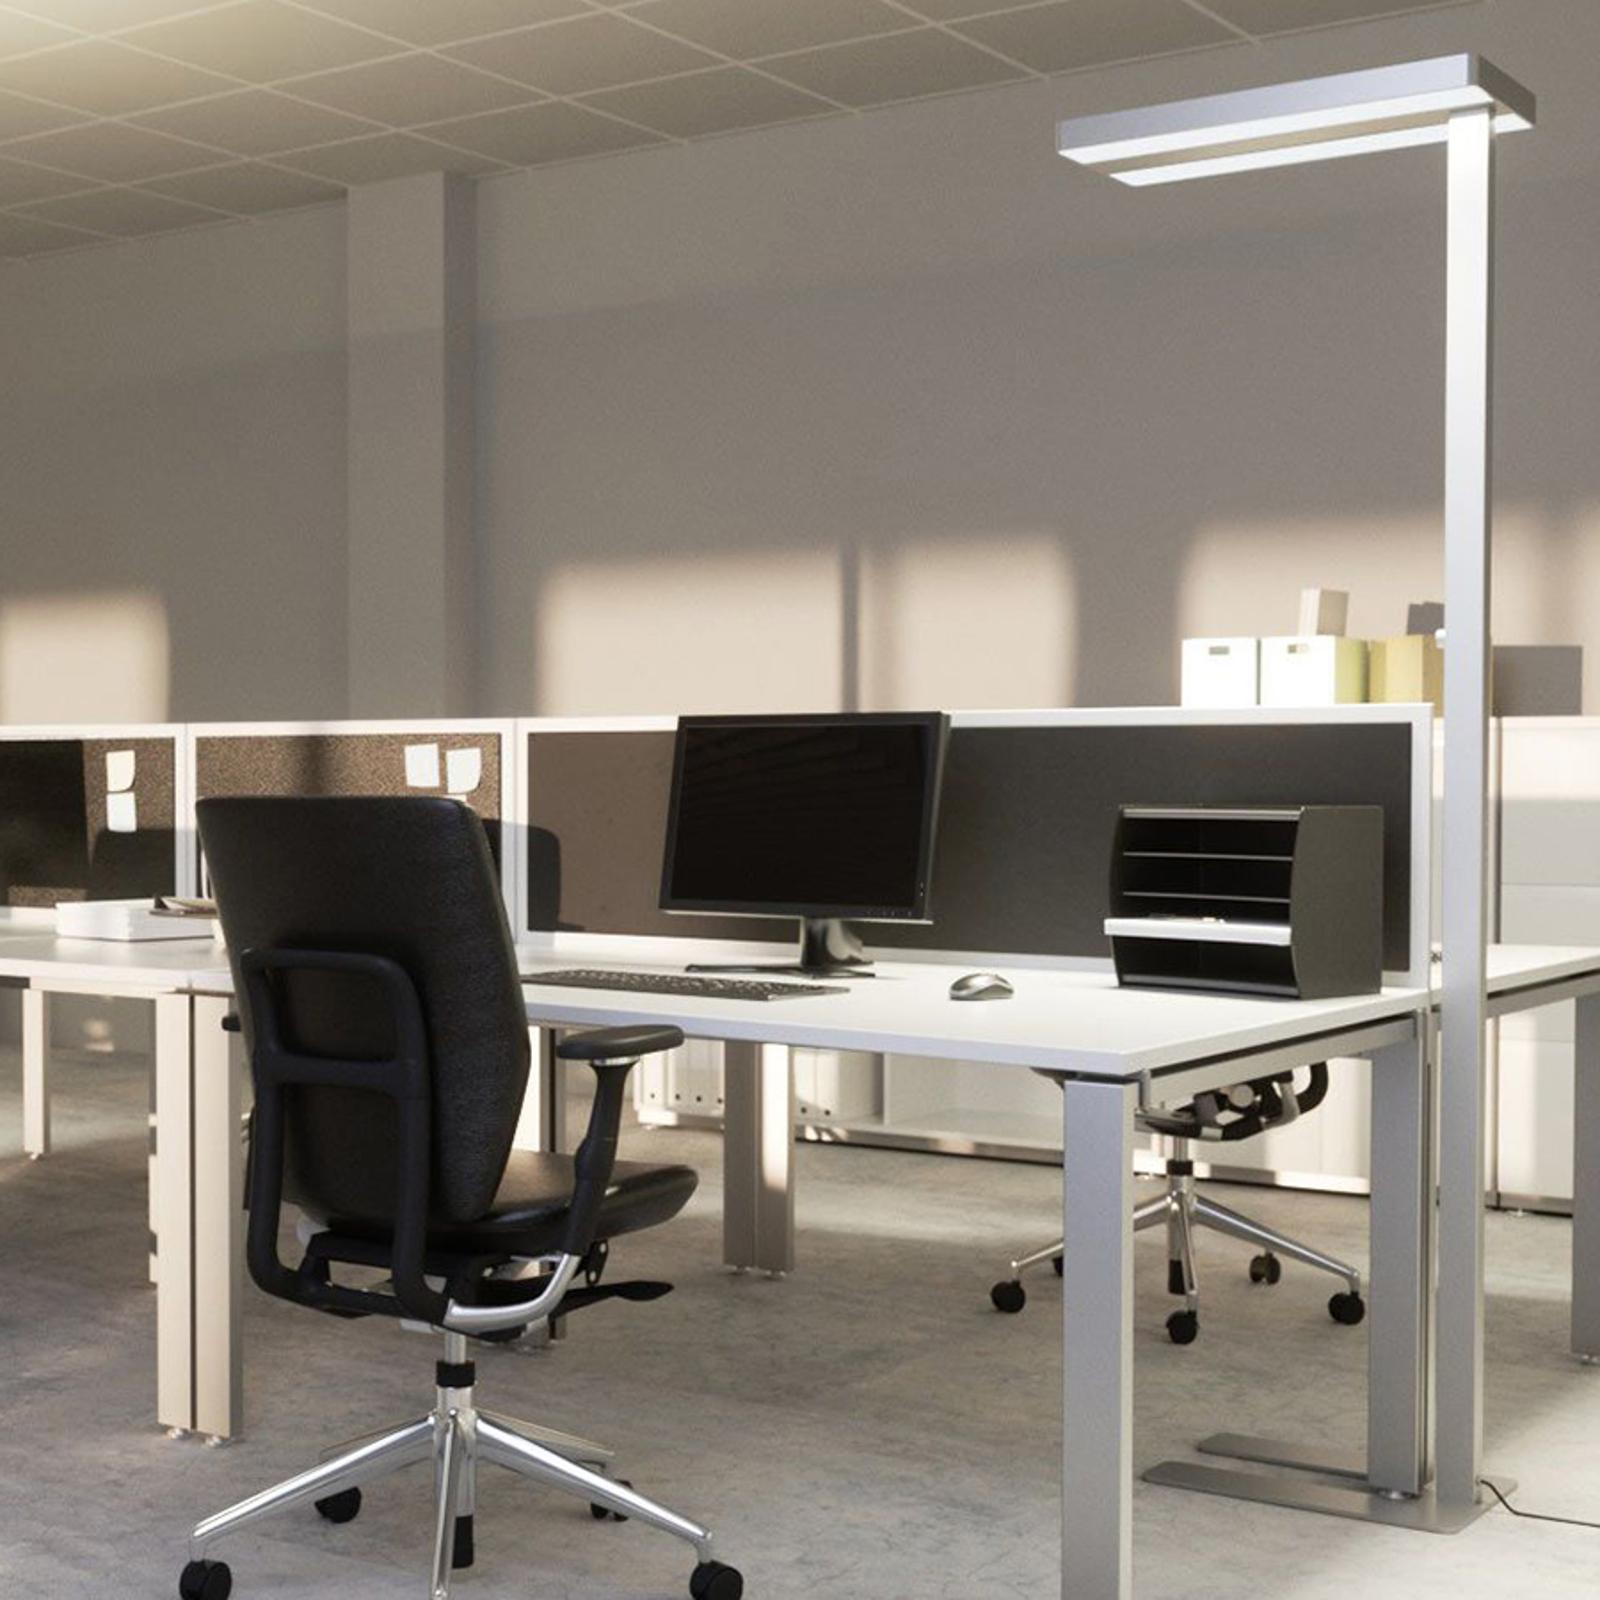 Logan - LED-gulvlampe til kontor, dæmper